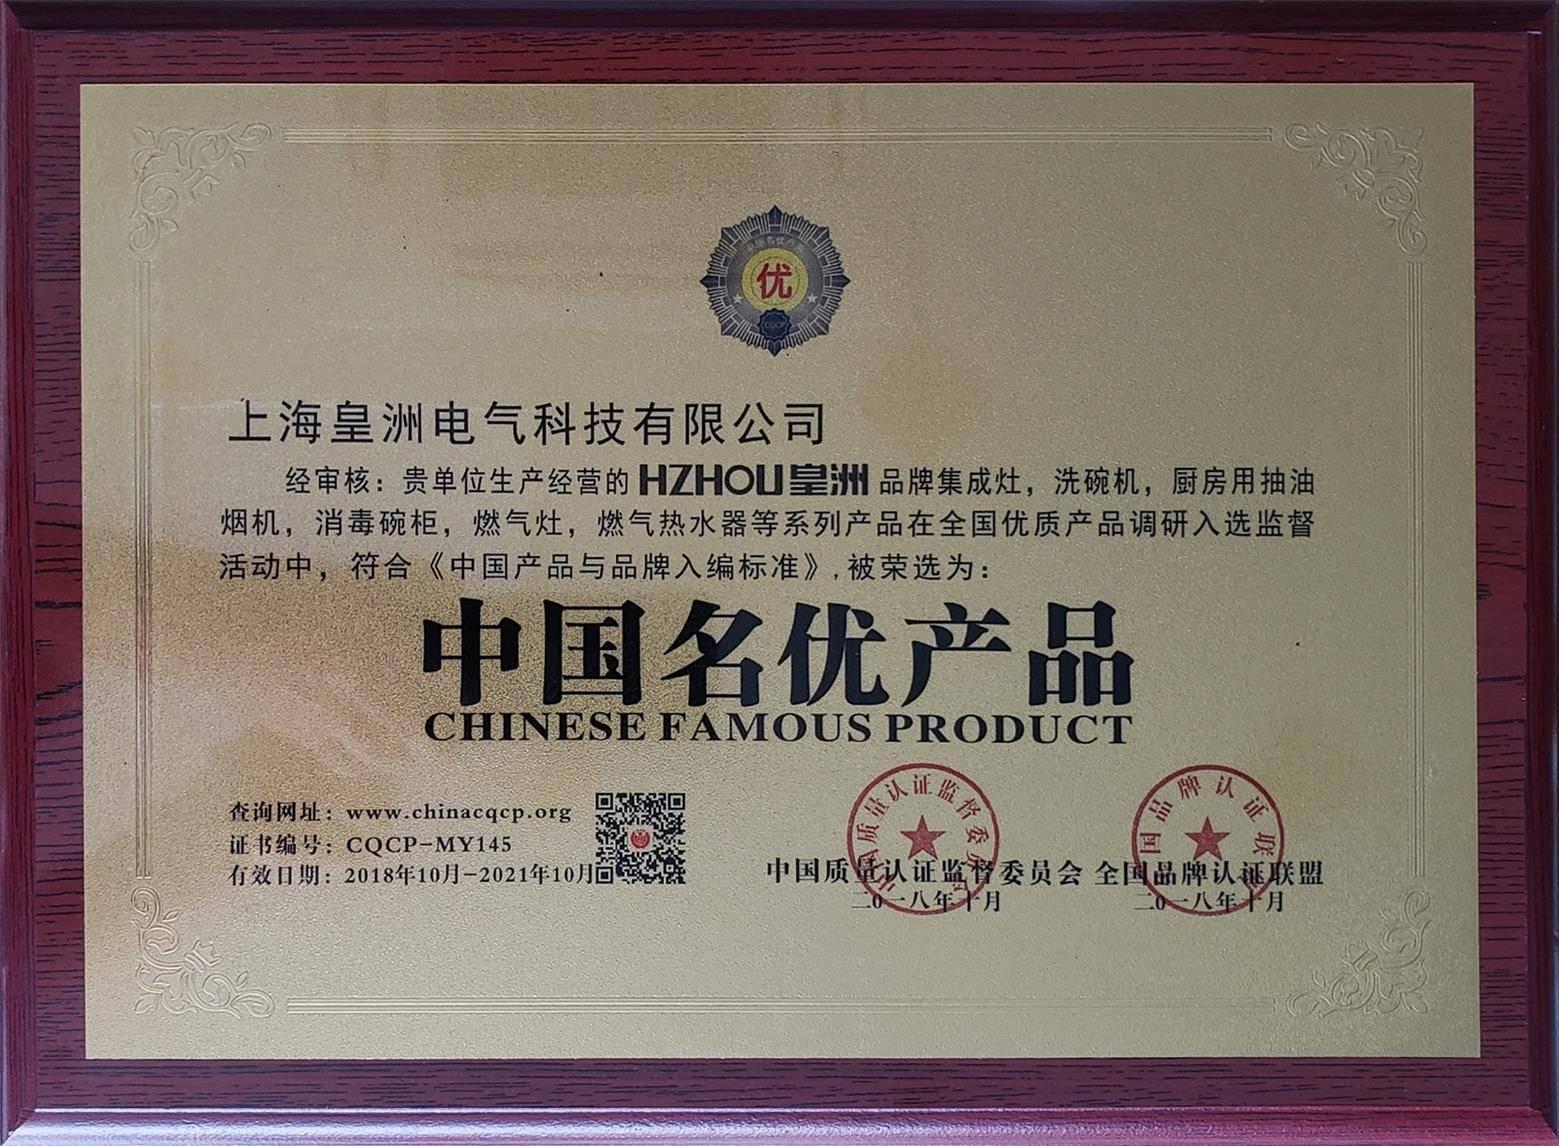 HZHOU皇洲荣获中国名优产品